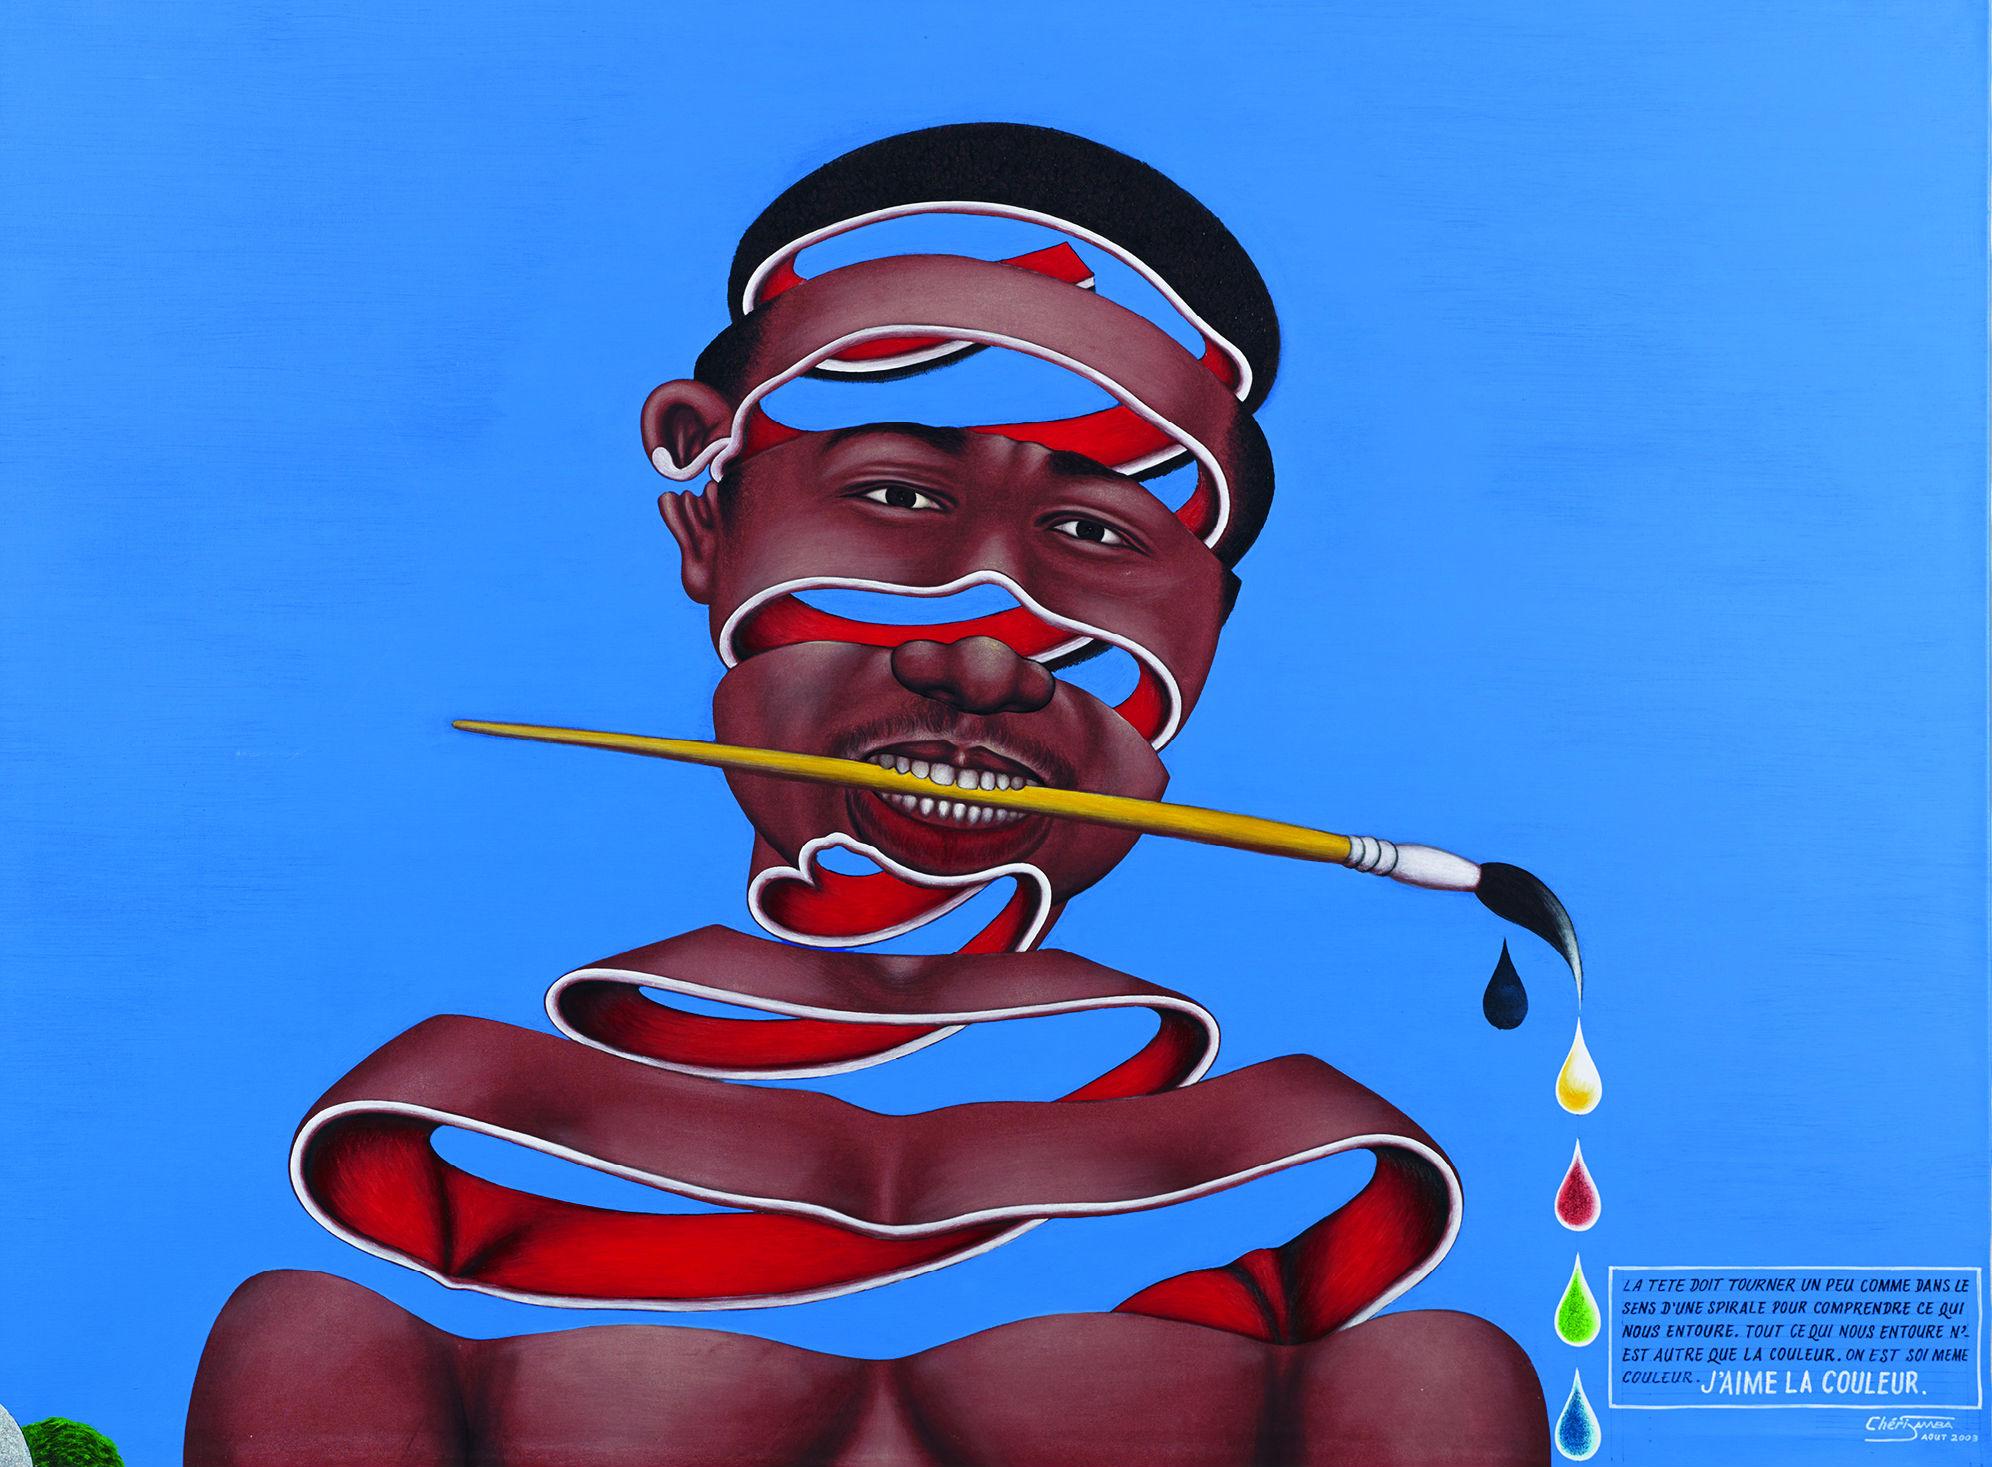 J'aime la couleur, de Cheri Samba (2003)